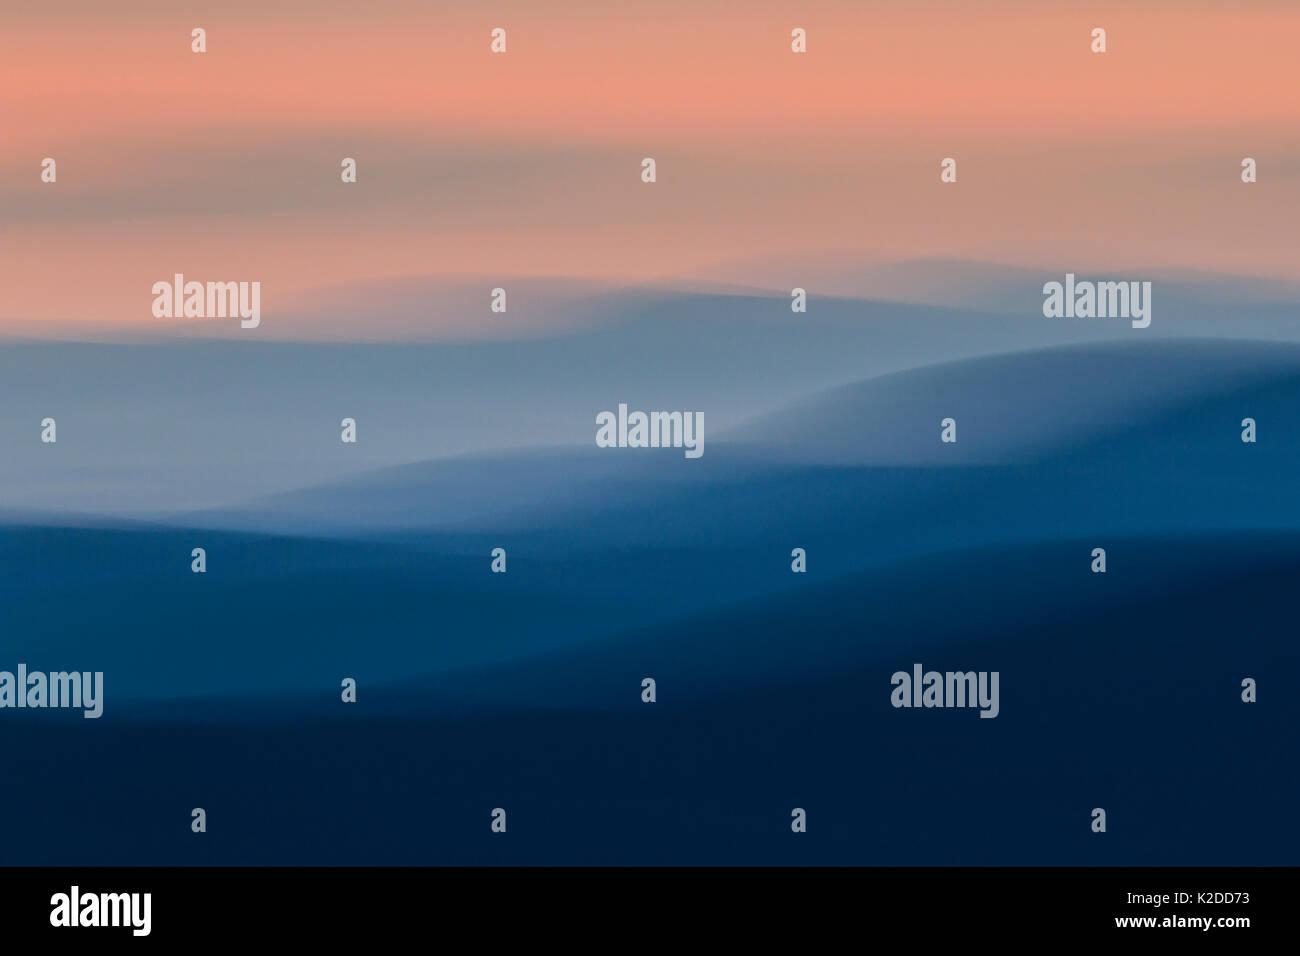 Résumé de la montagne au coucher du soleil, le Parc National de Cairngorms, en Écosse, Royaume-Uni, juillet 2014. Photo Stock